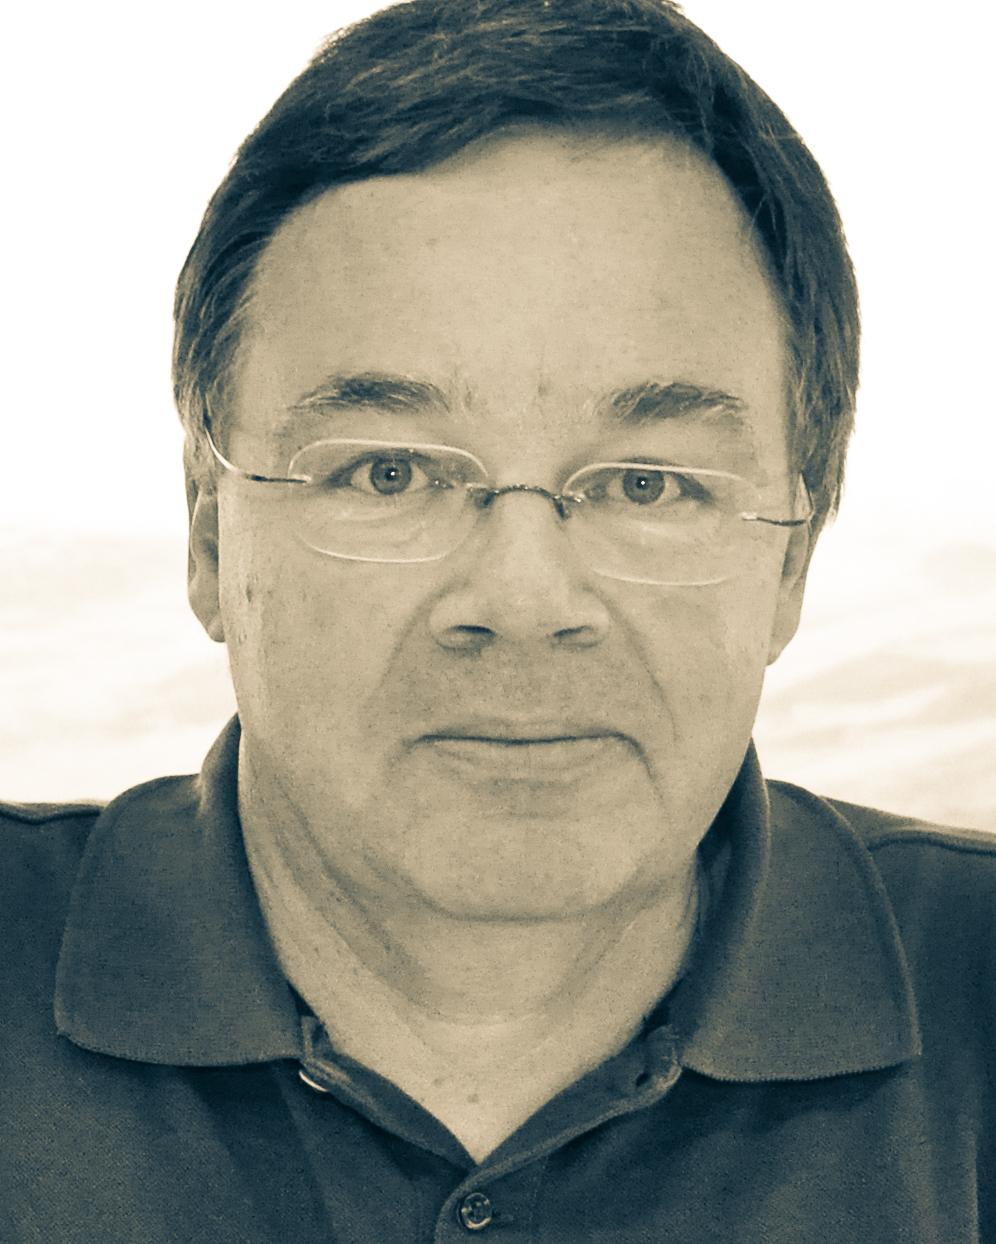 Ruedi Bruderer ist Journalist und Filmemacher. Er arbeitet bei Radiotelevisiun Svizra Rumantscha RTR.